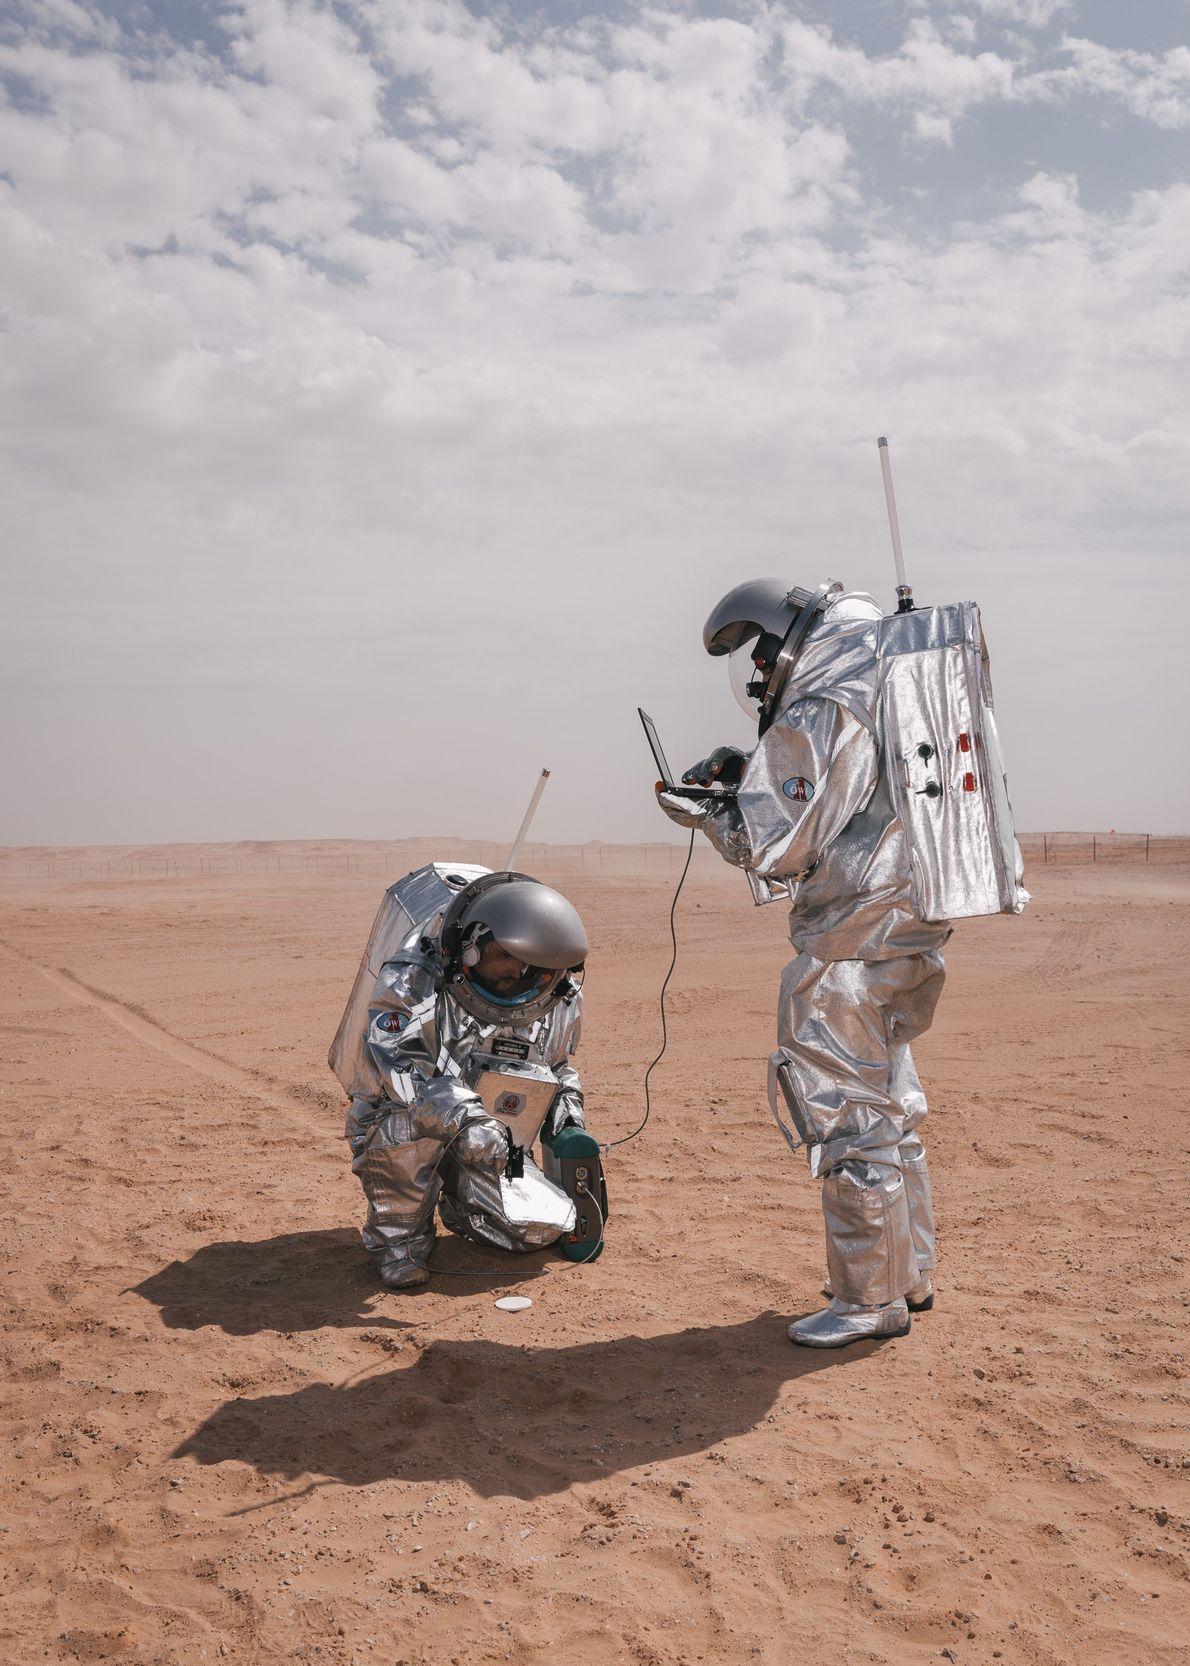 Carmen Köhler e Iñigo Muñoz Elorza, astronautas análogos, llevan a cabo un experimento de la Agencia ...